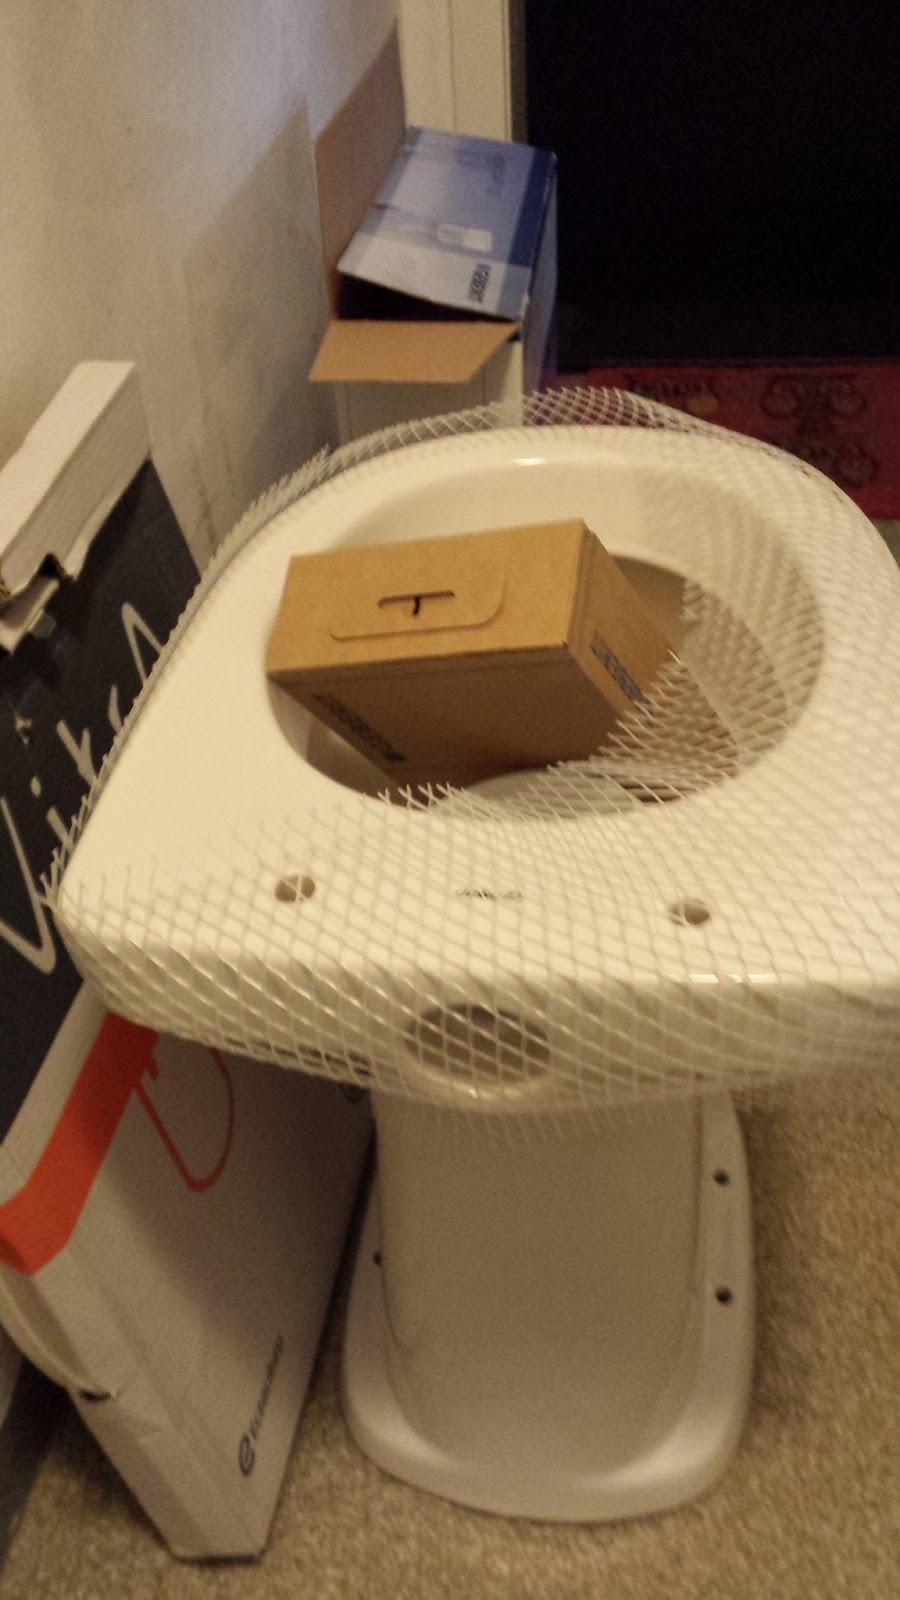 sema wien 1160 montiert ein neues wc hochstand toilette sema gmbh installateur. Black Bedroom Furniture Sets. Home Design Ideas